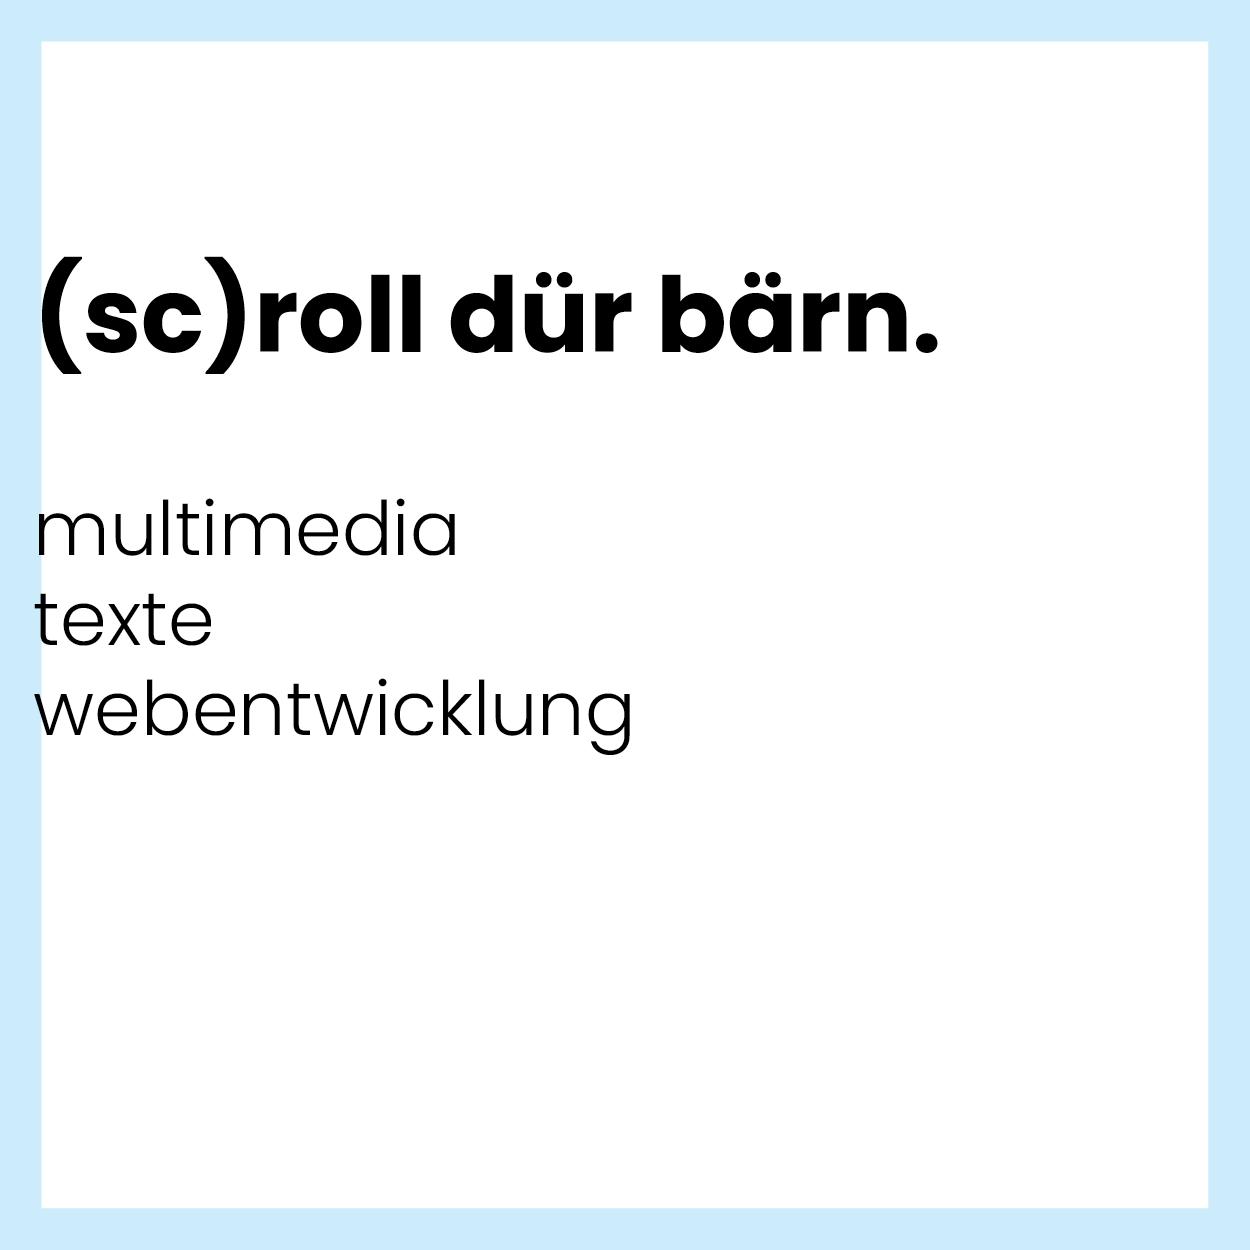 scrolldürbärn